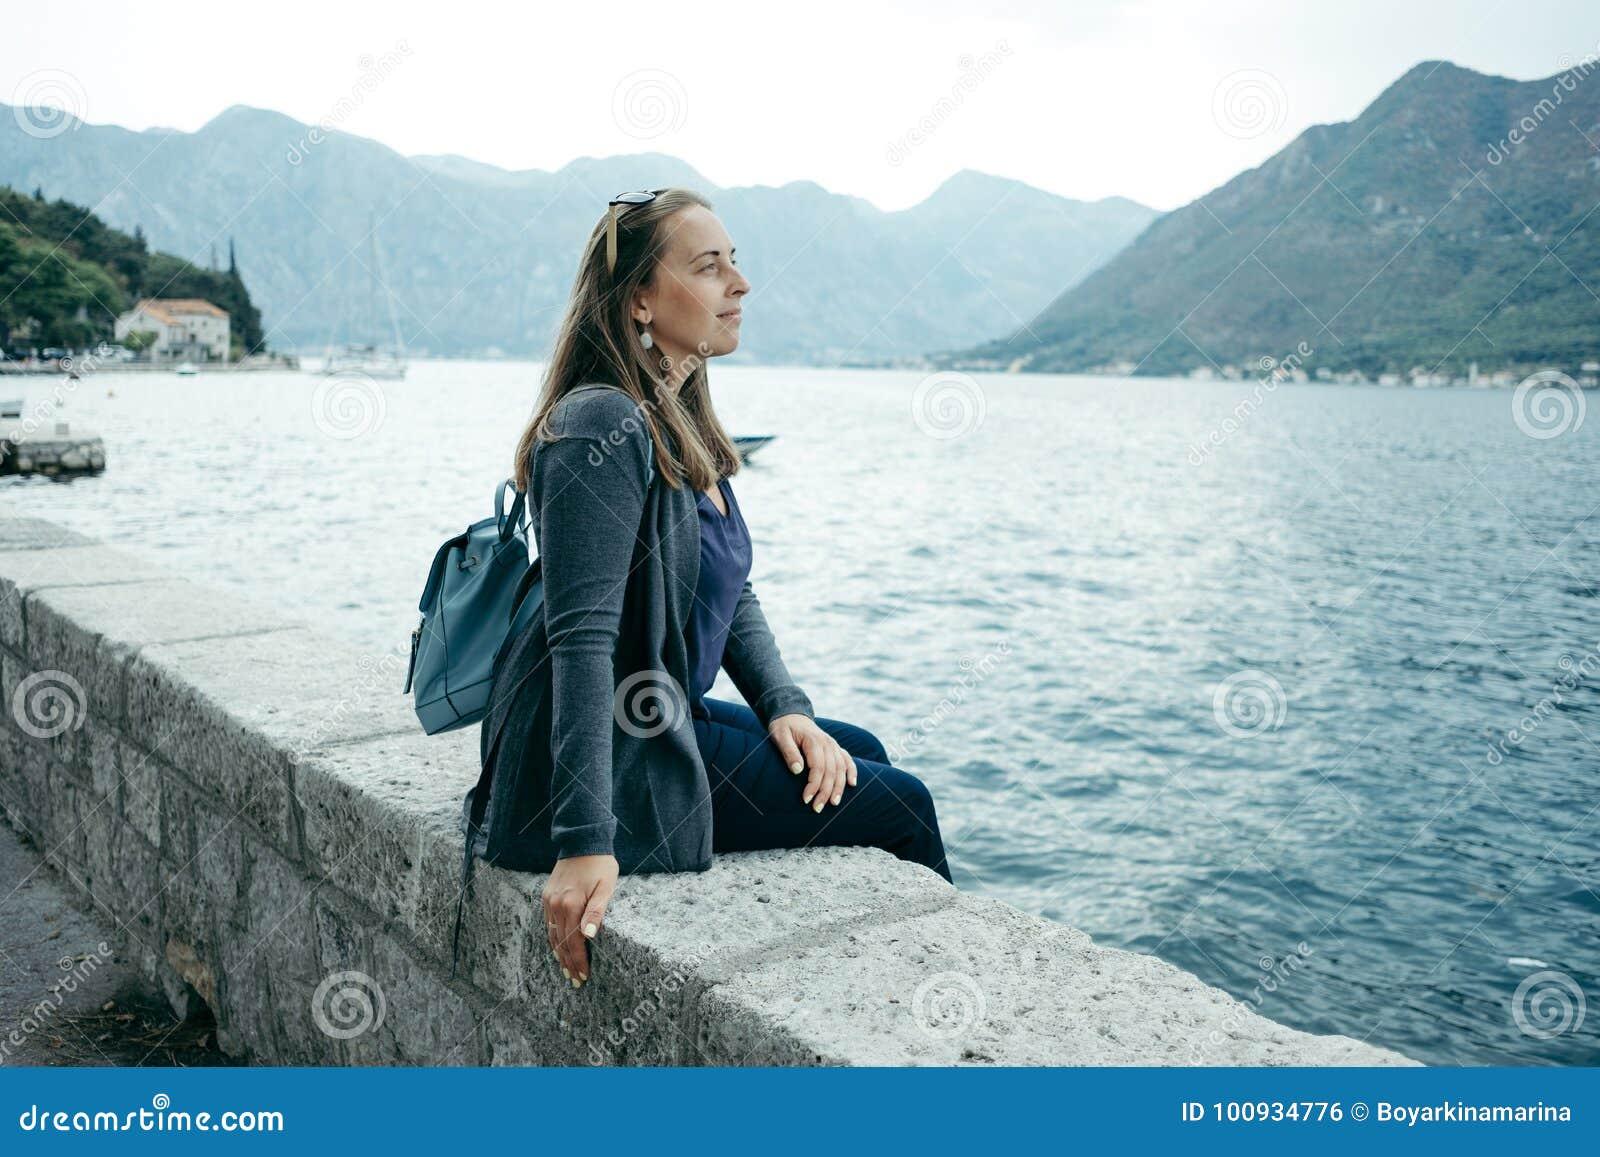 La mujer joven en rebeca gris y mochila azul se sienta cerca del mar